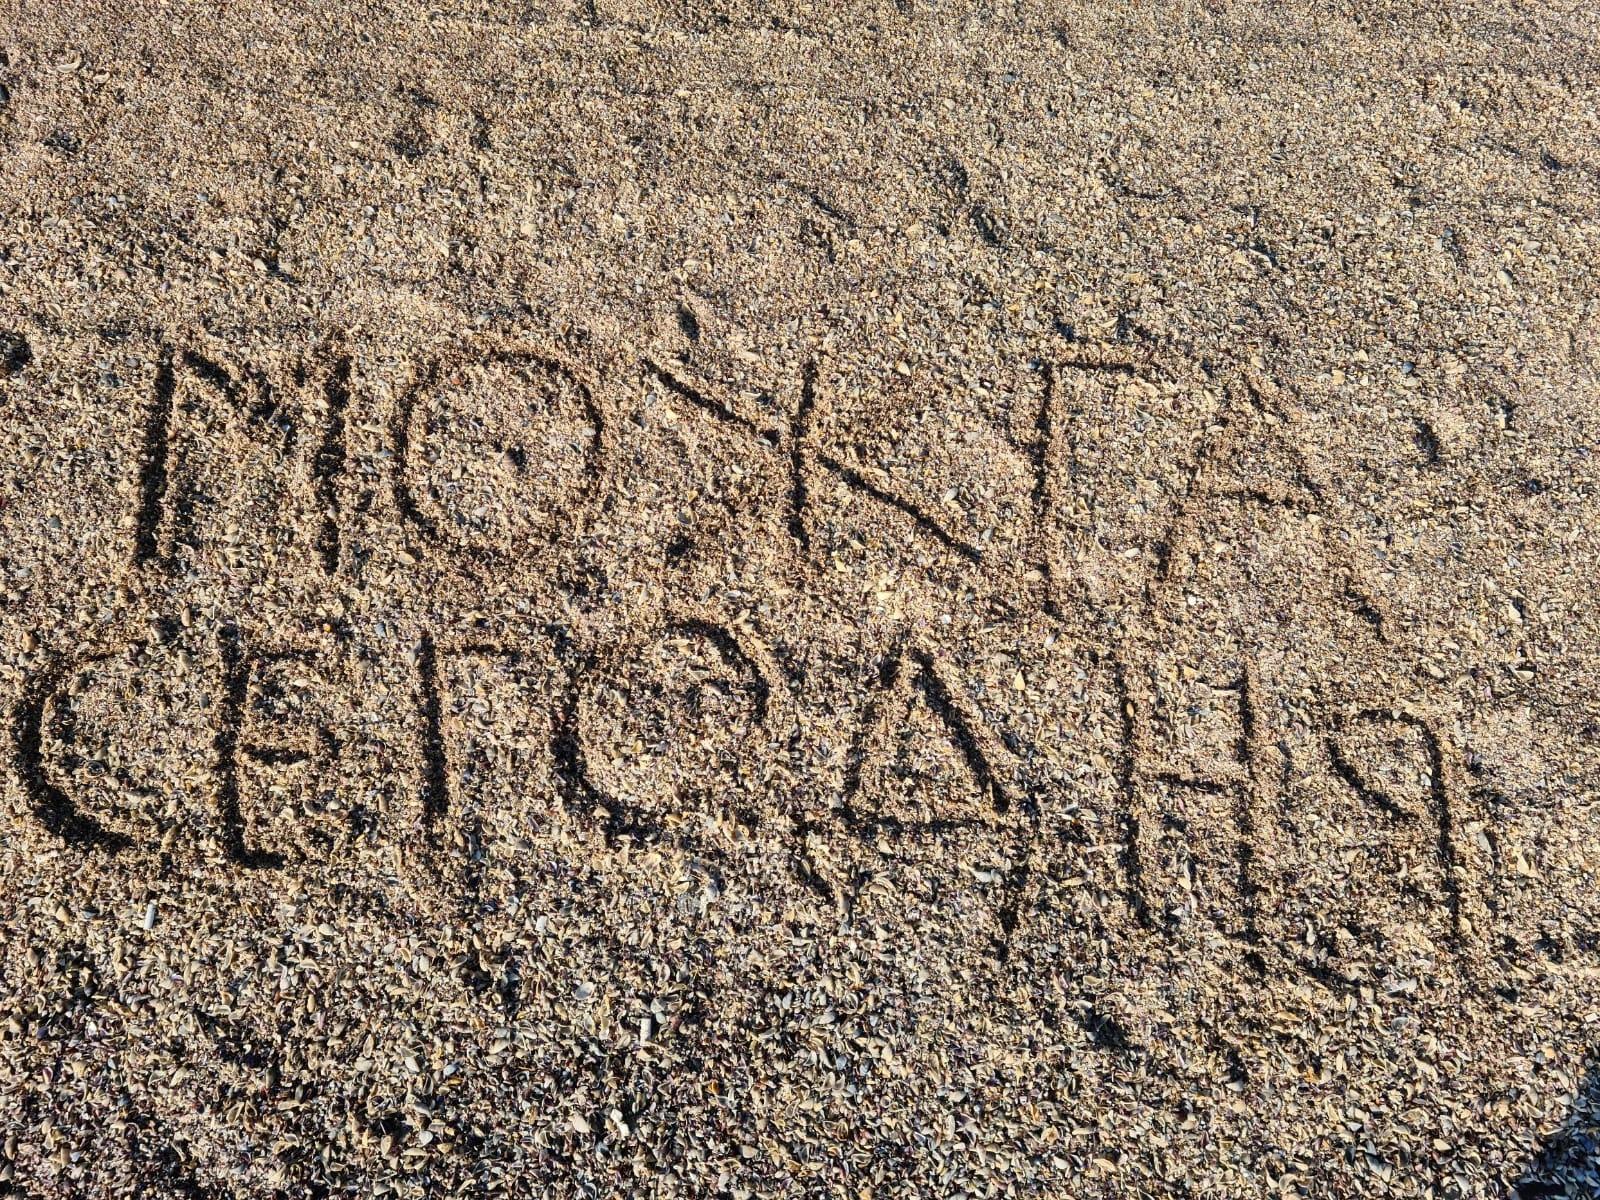 В солнечном Дагестане выложили эту надпись из